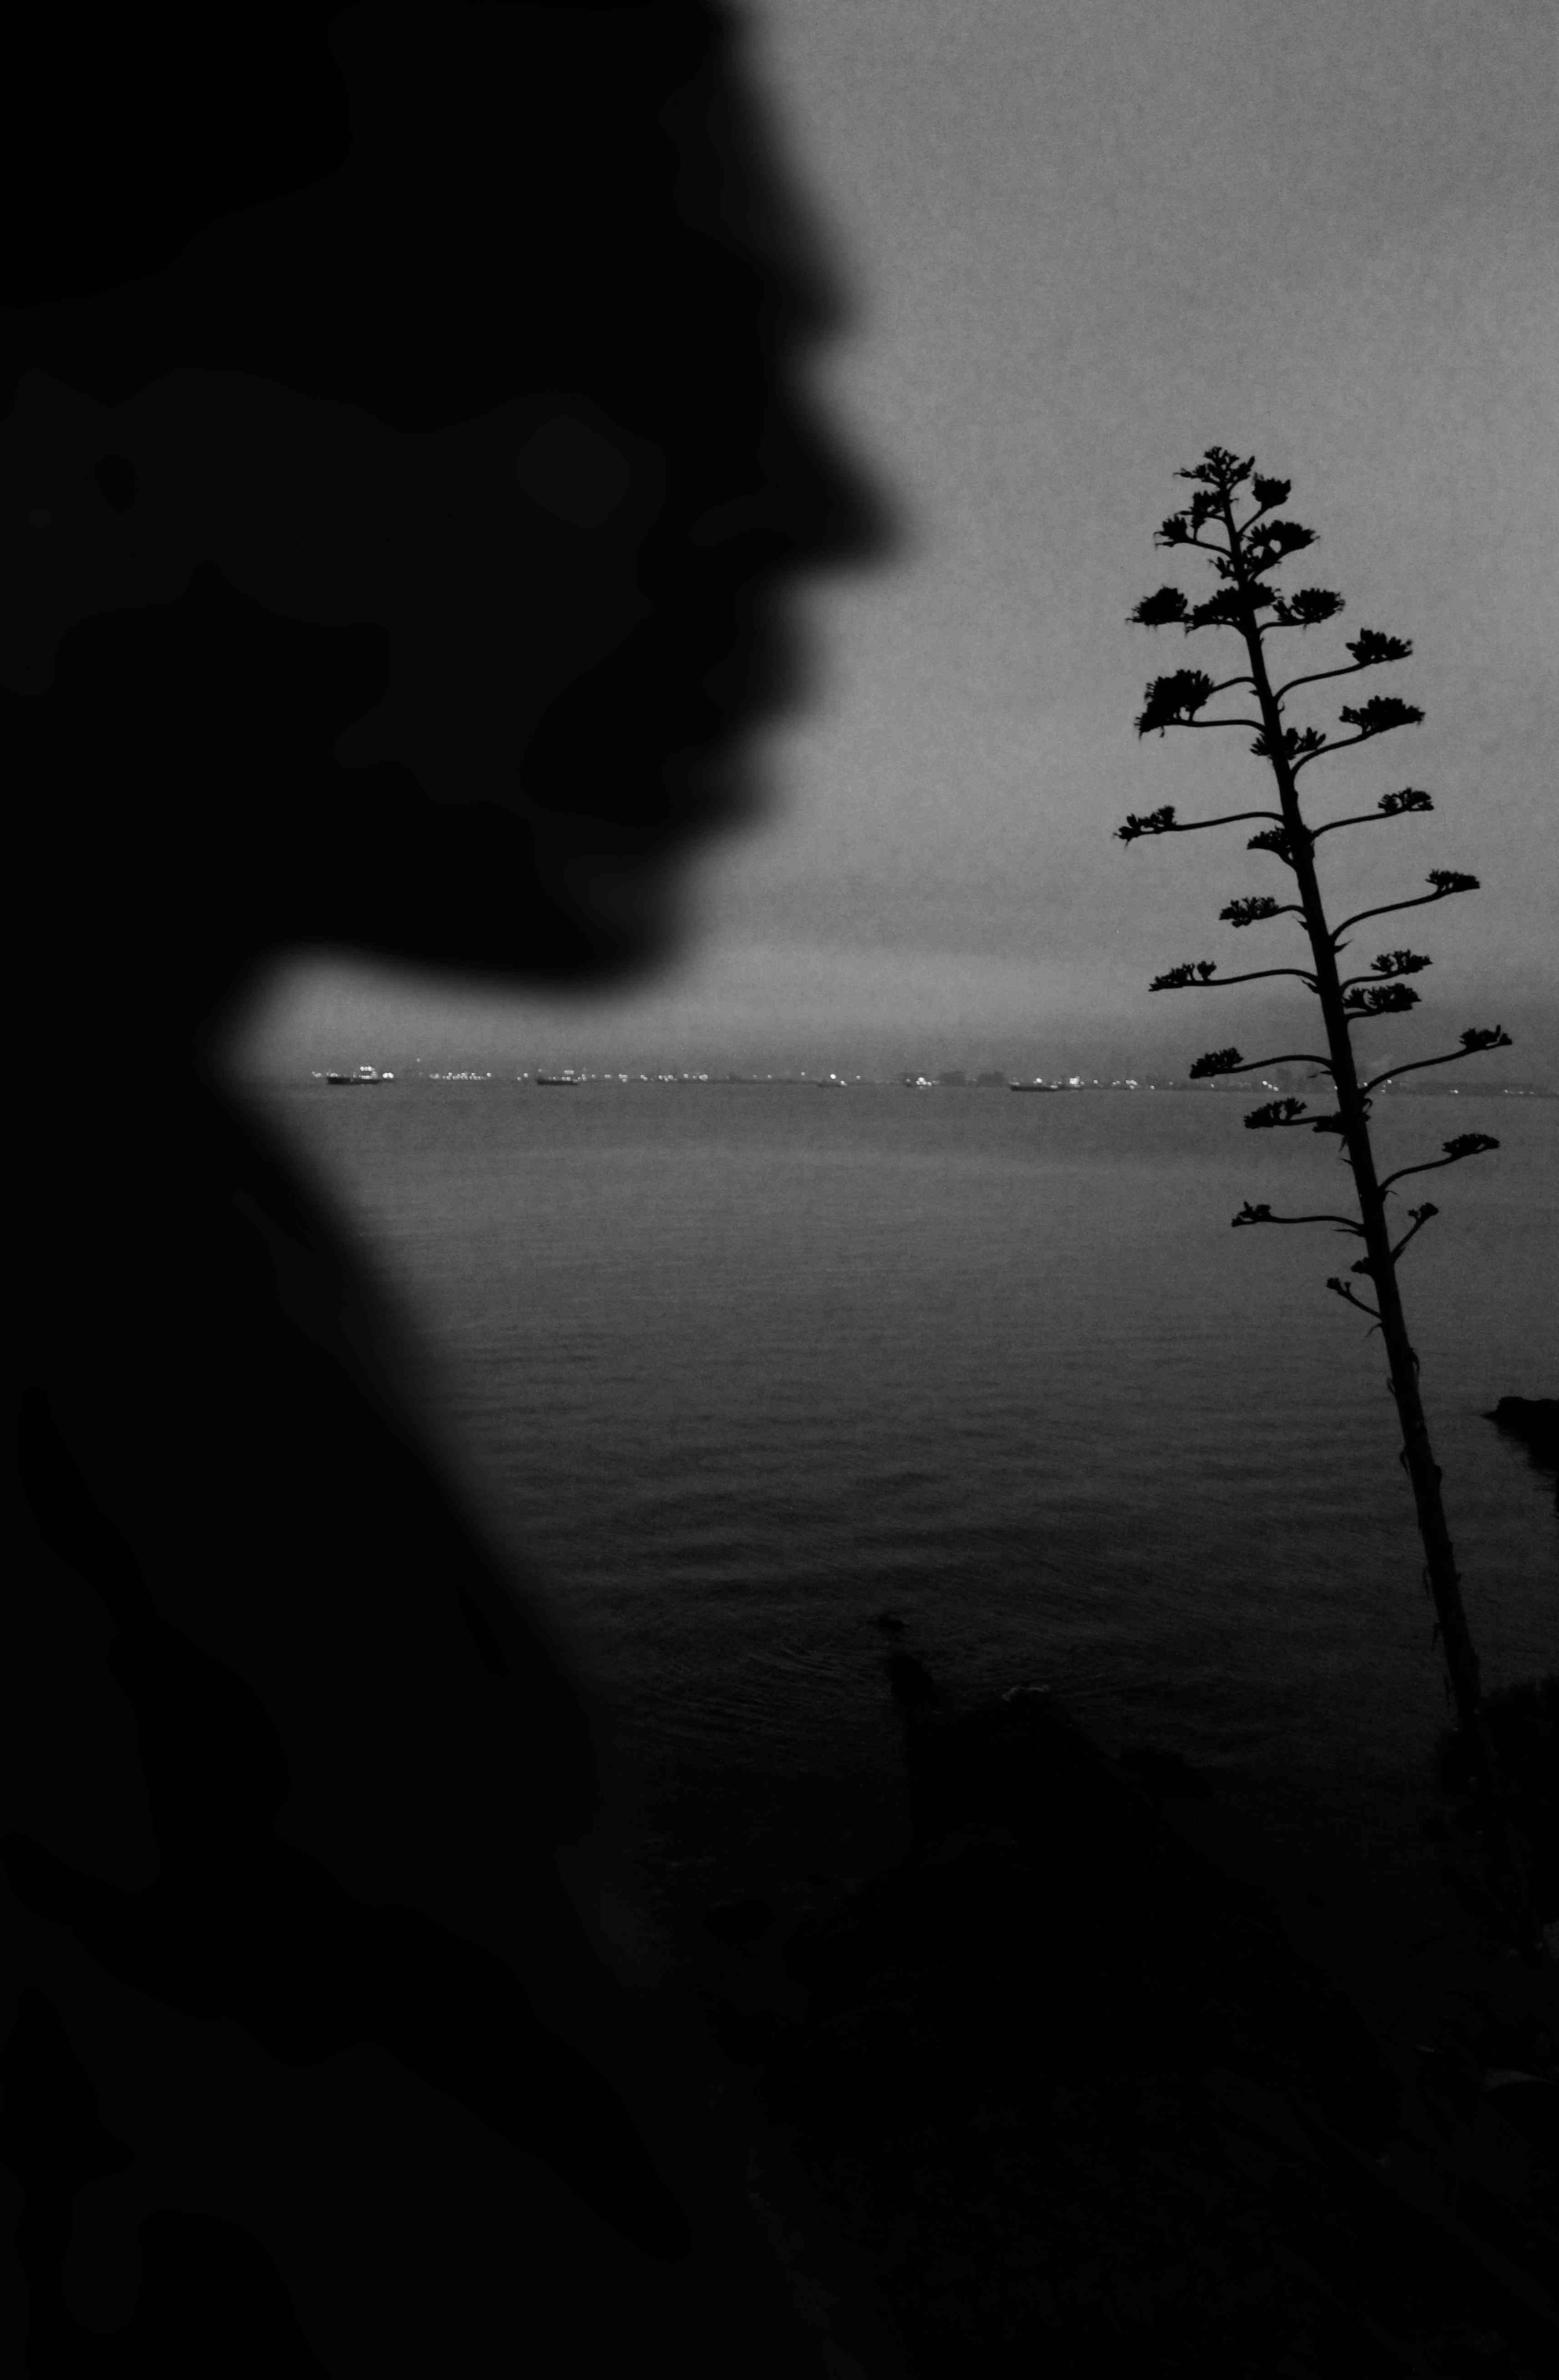 © Nicole Chayne Salini